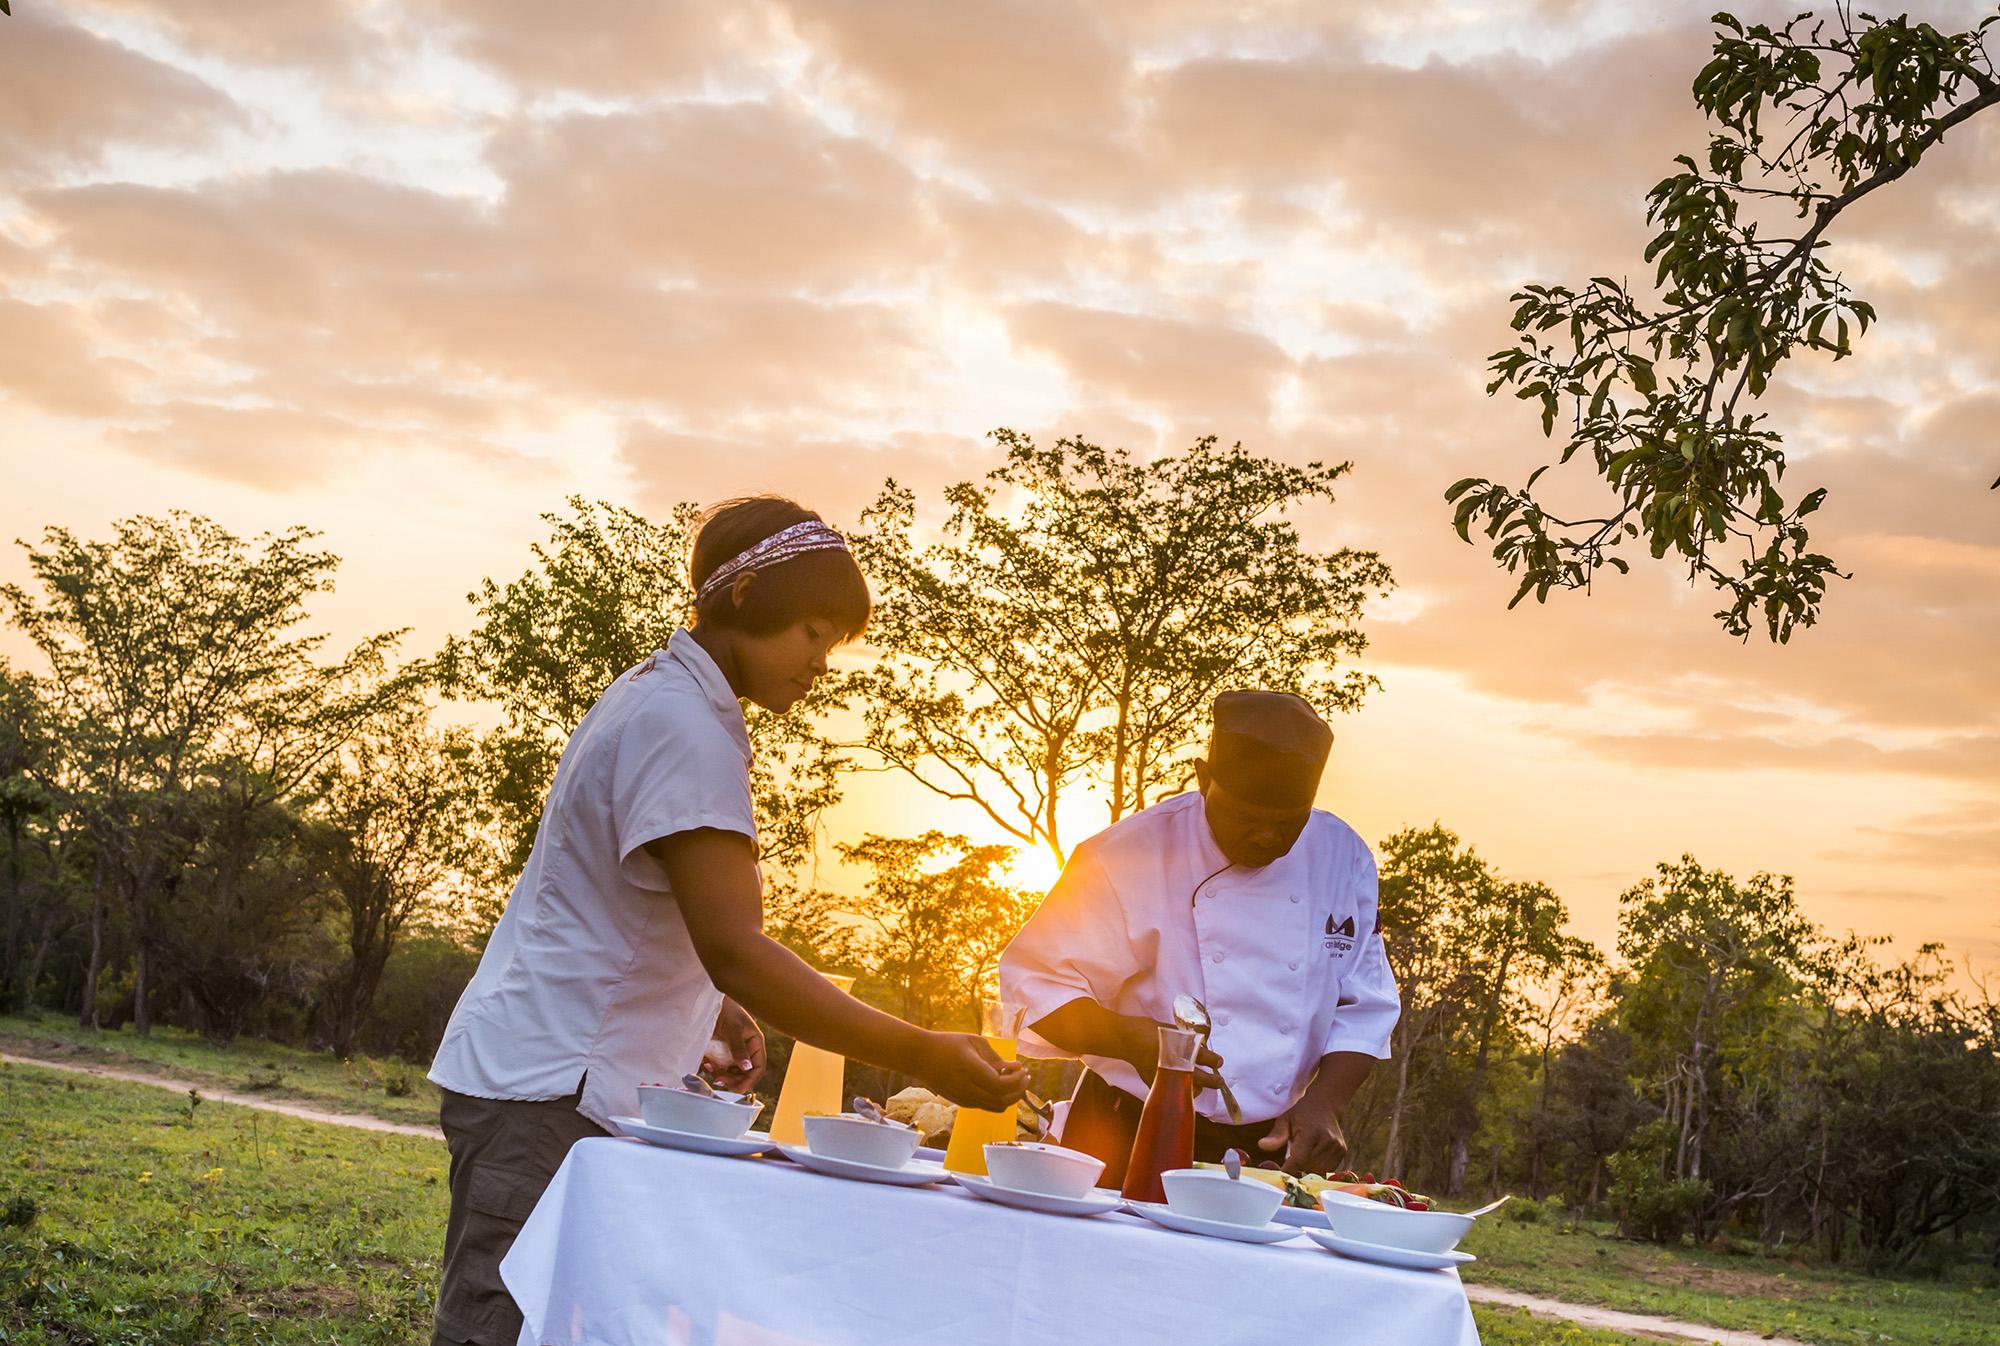 Outdoor chefs